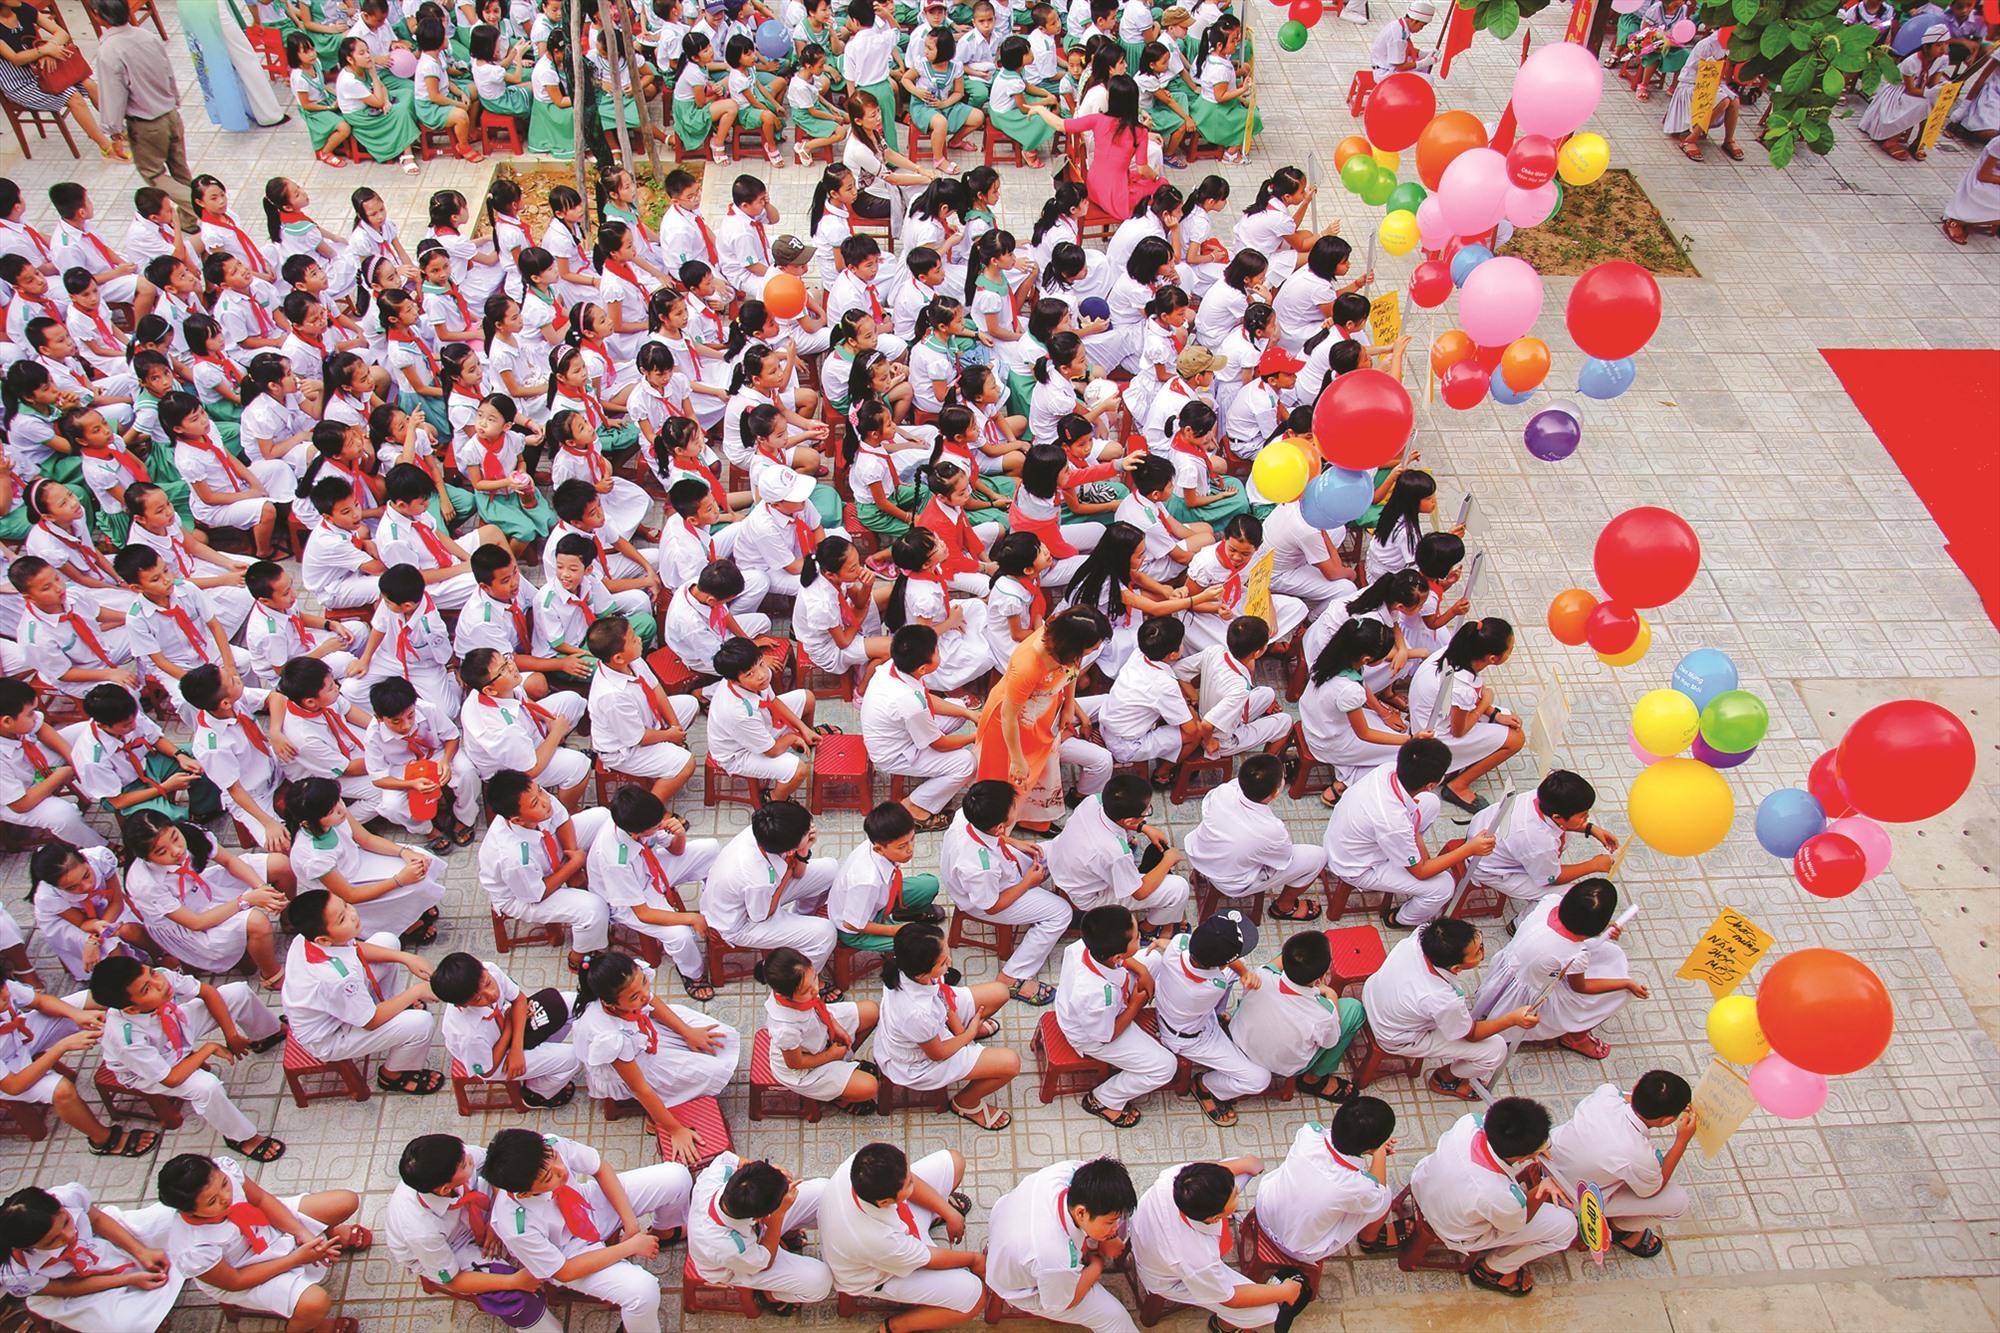 Buổi chào cờ đầu tuần ở một trường học tại Quảng Nam. Ảnh: PHƯƠNG THẢO